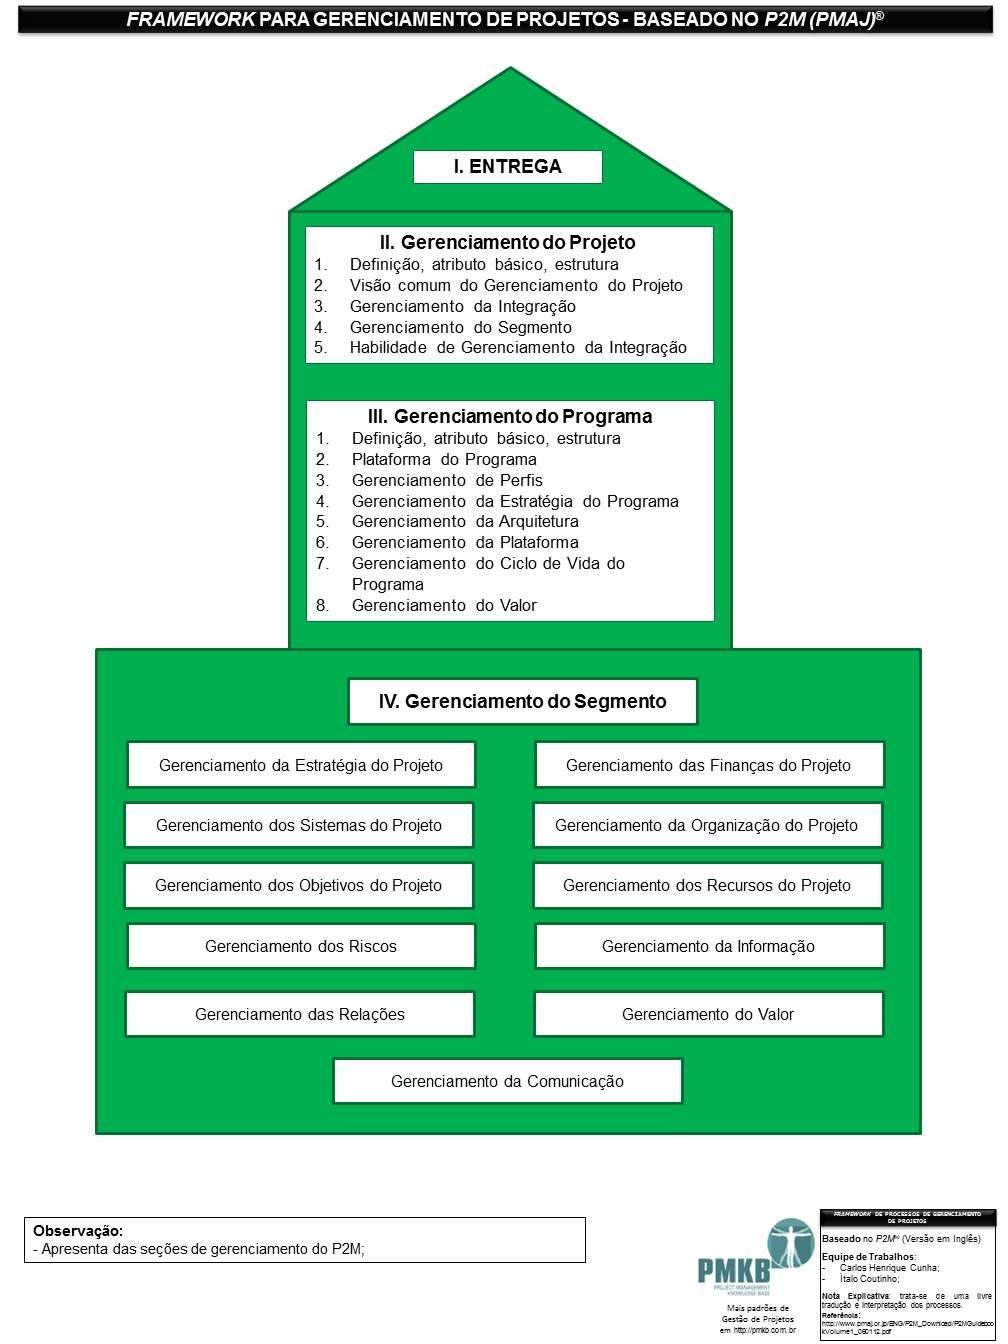 Framework para Gerenciamento de Projetos baseado no P2M